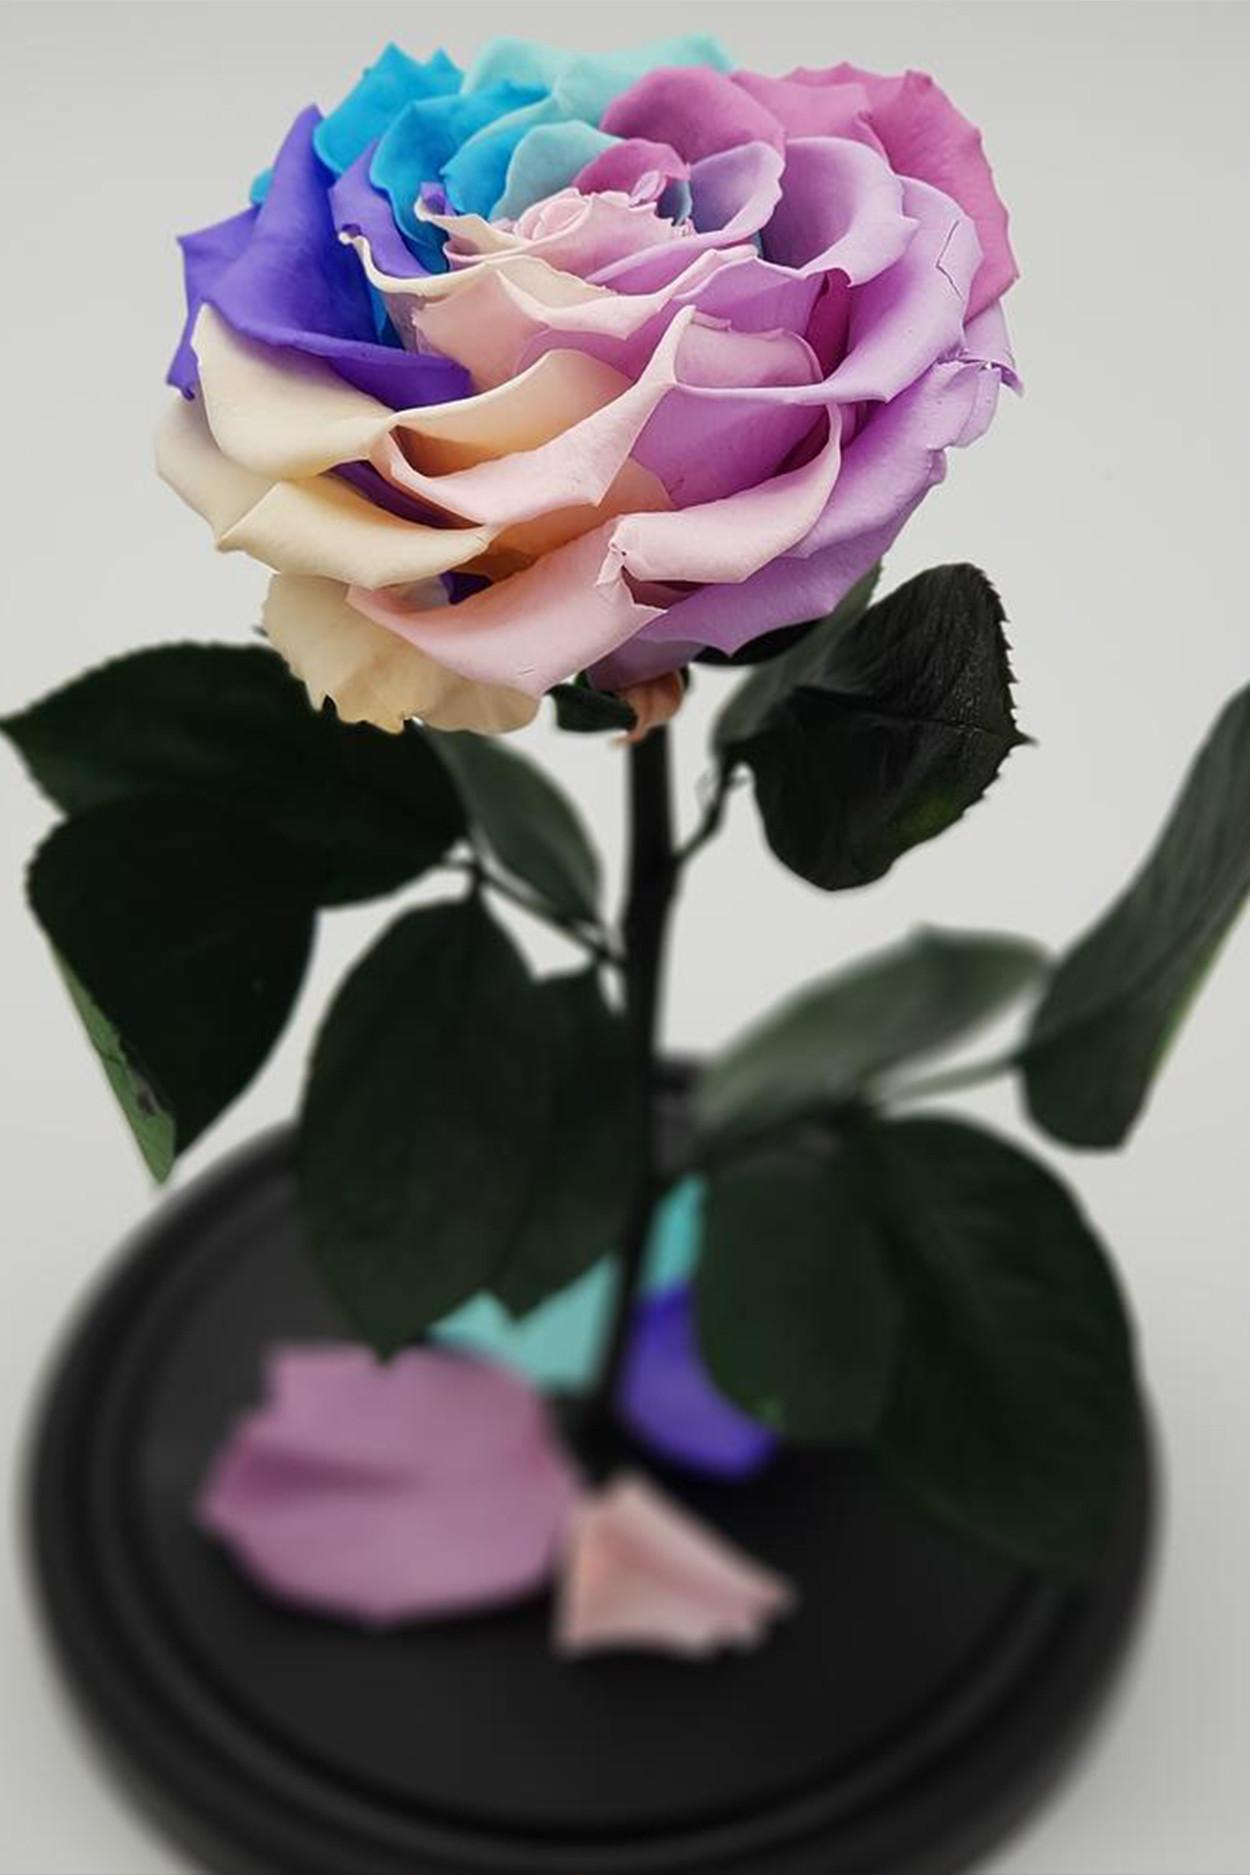 Роза в колбе премиум хит Радужная 27*15*11см